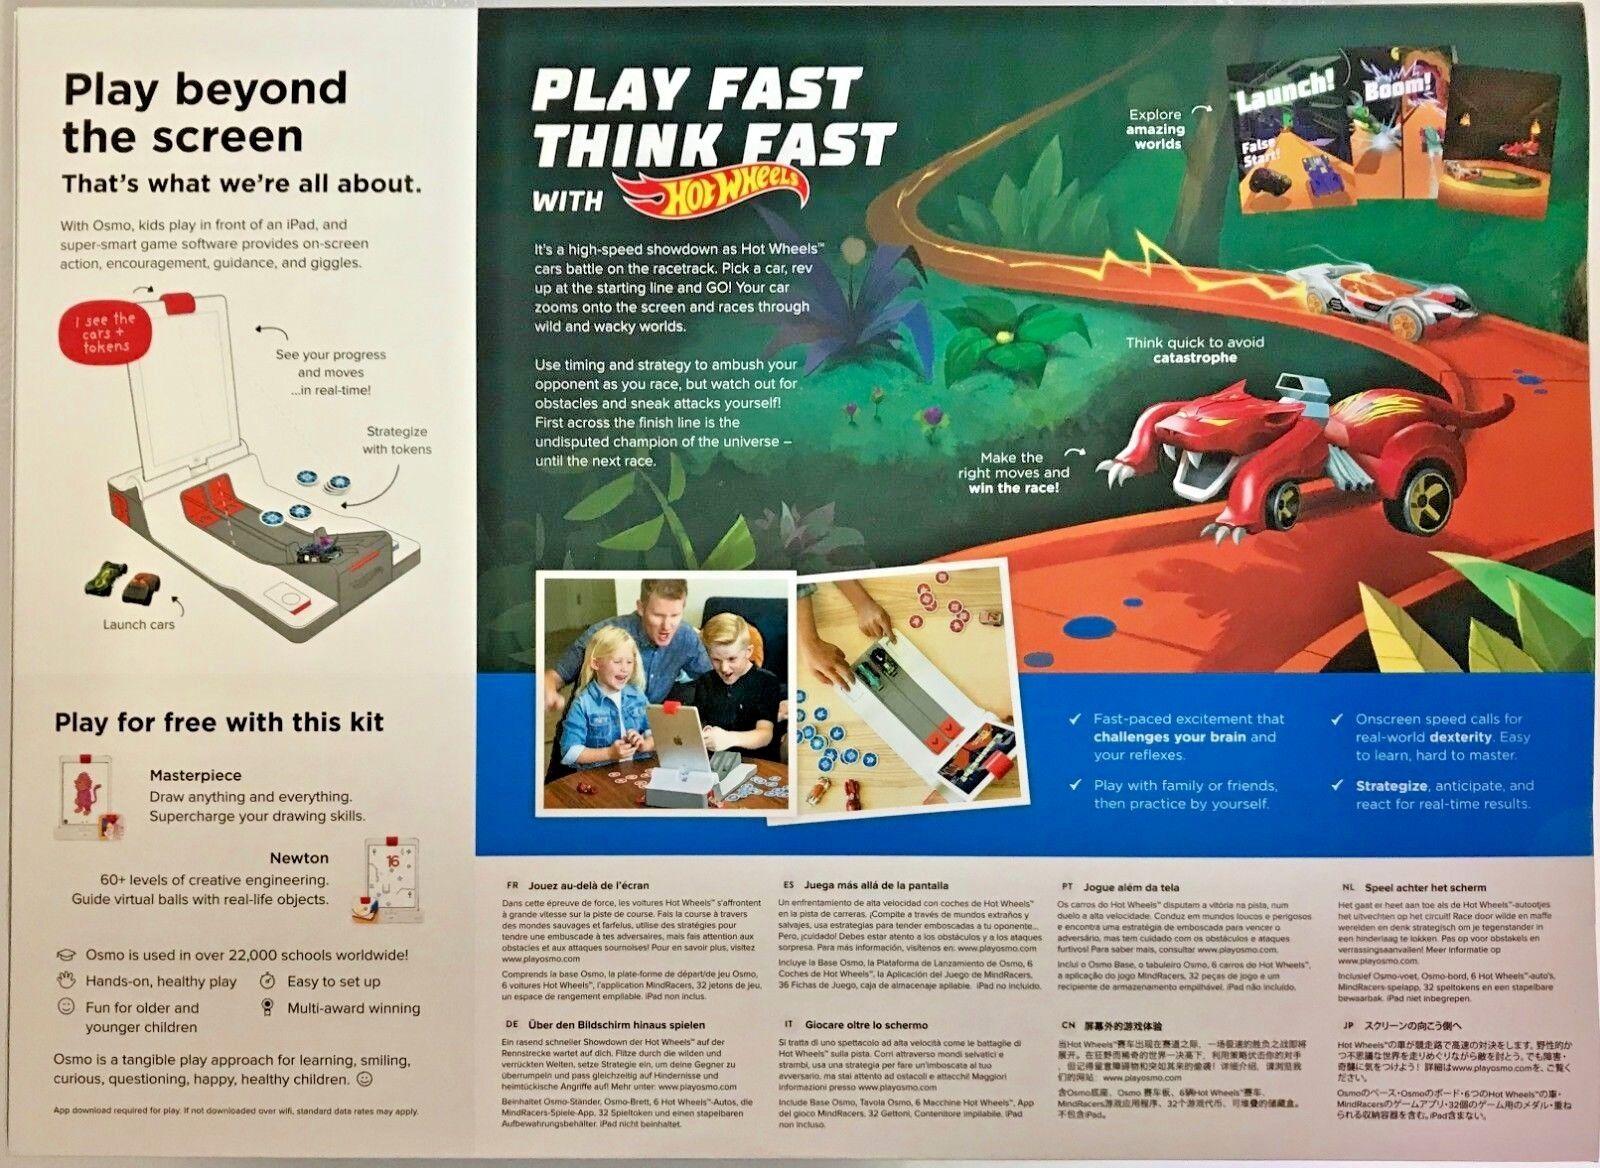 Hot Wheels Osmo Osmo Osmo experiencia de juego de mente corredores Digital 9016 (iPad no incluido) e938a1